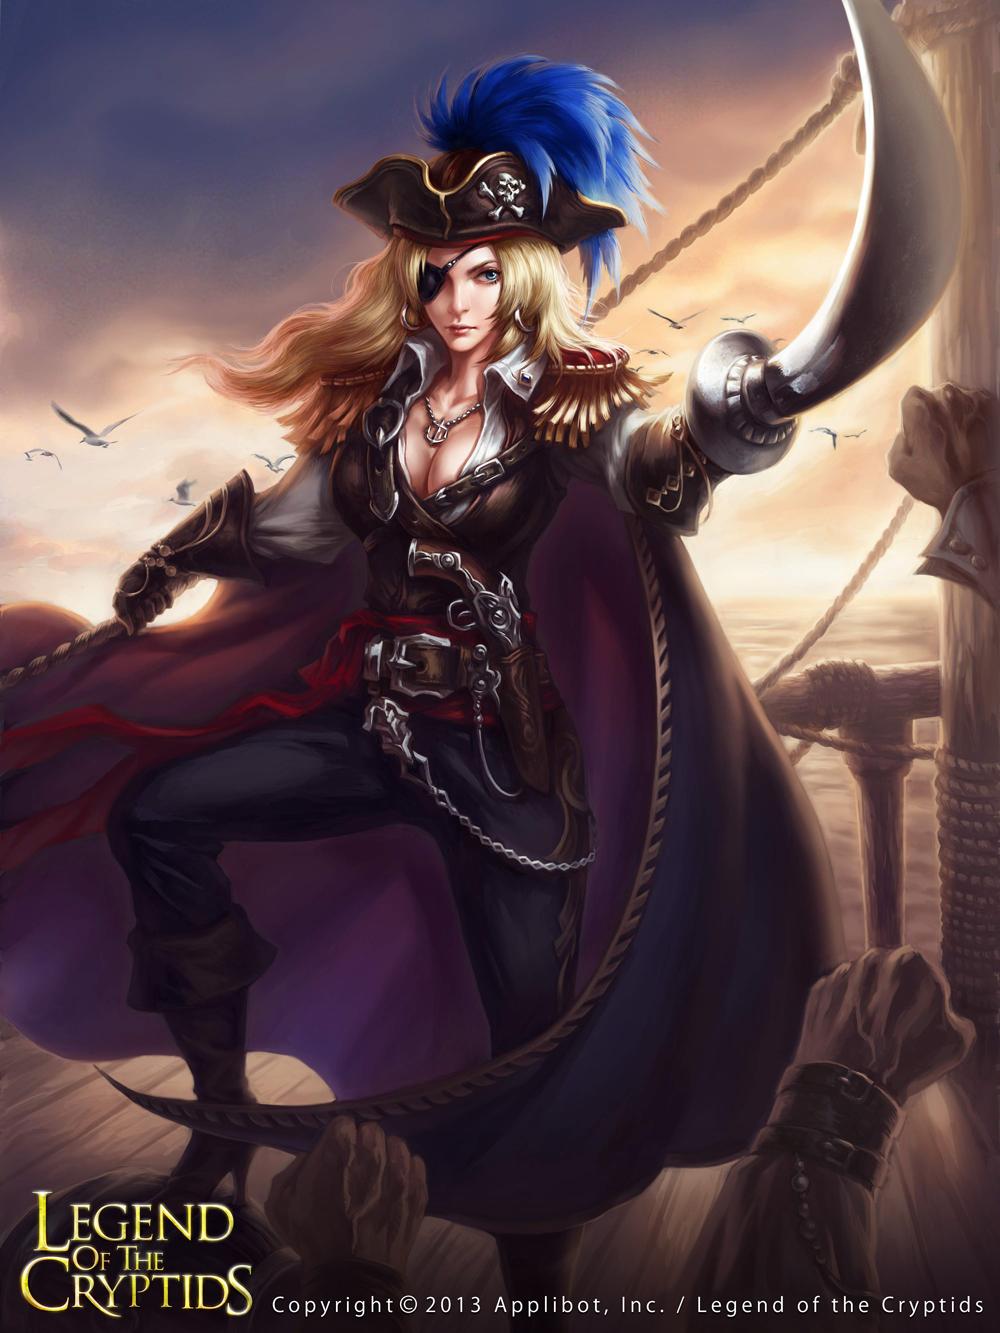 Female pirates images hentia movies